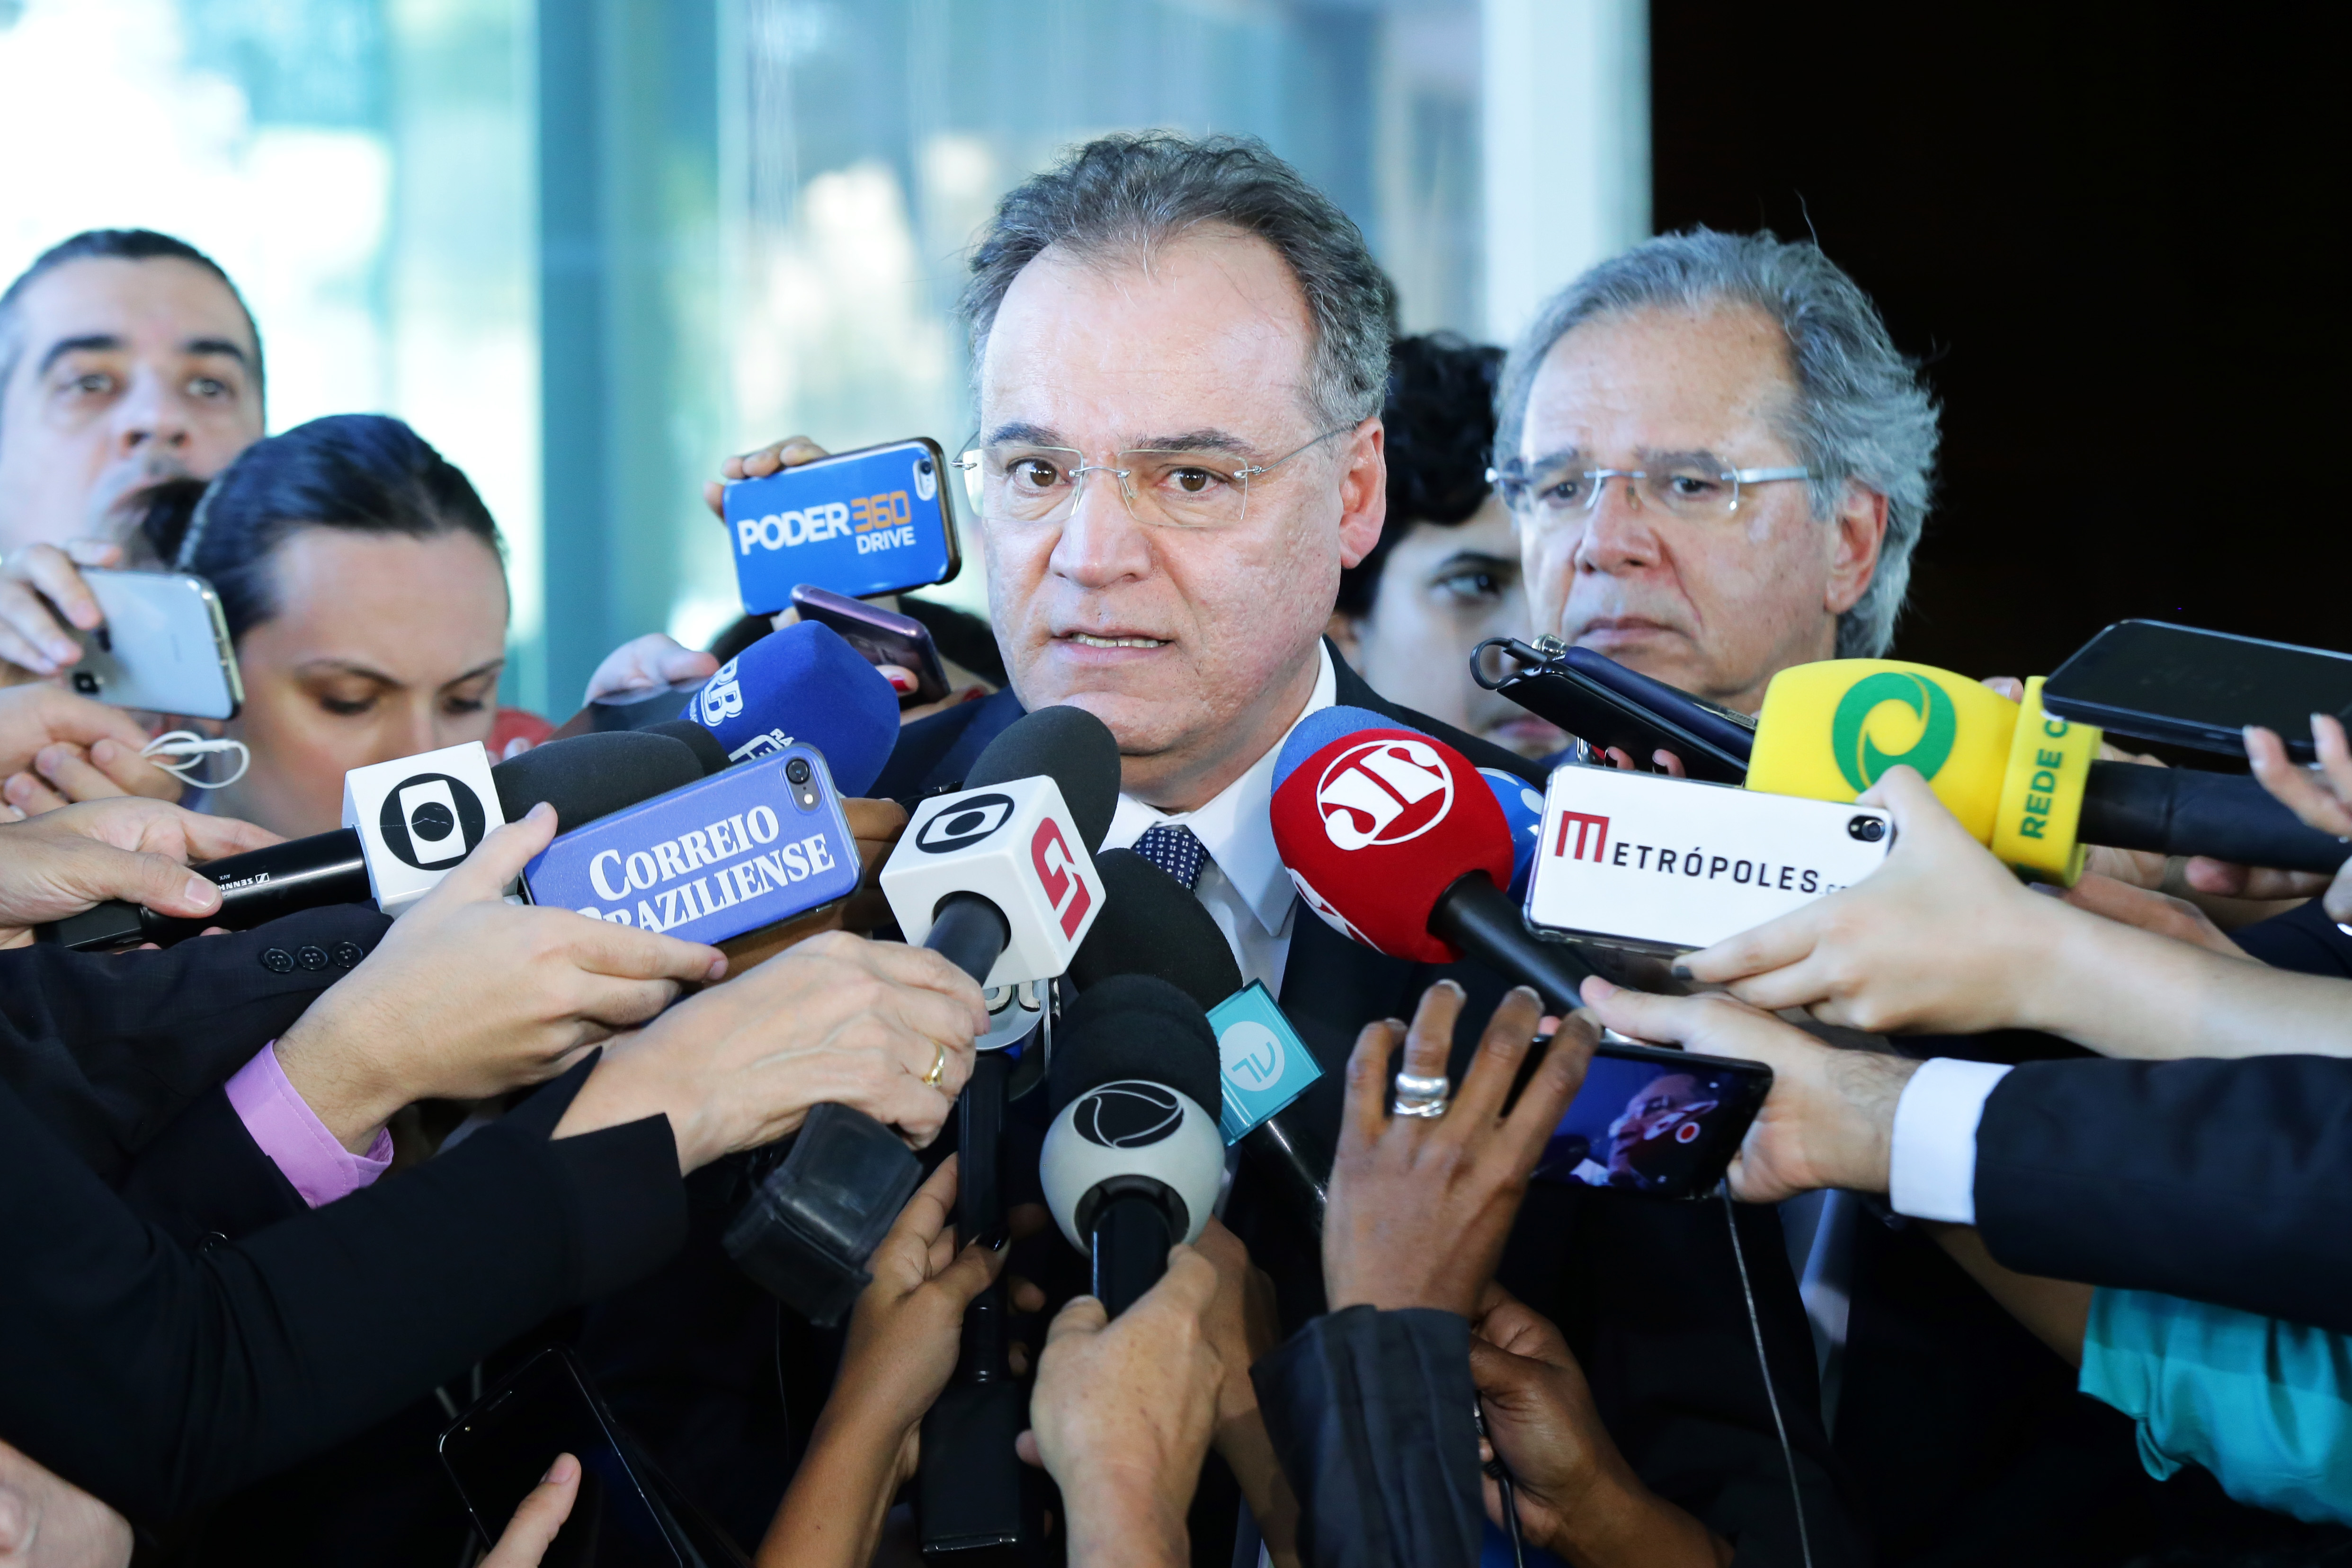 reforma da Previdência pretende apresentar parecer  - Relator da reforma da Previdência, dep. Samuel Moreira (PSDB - SP)